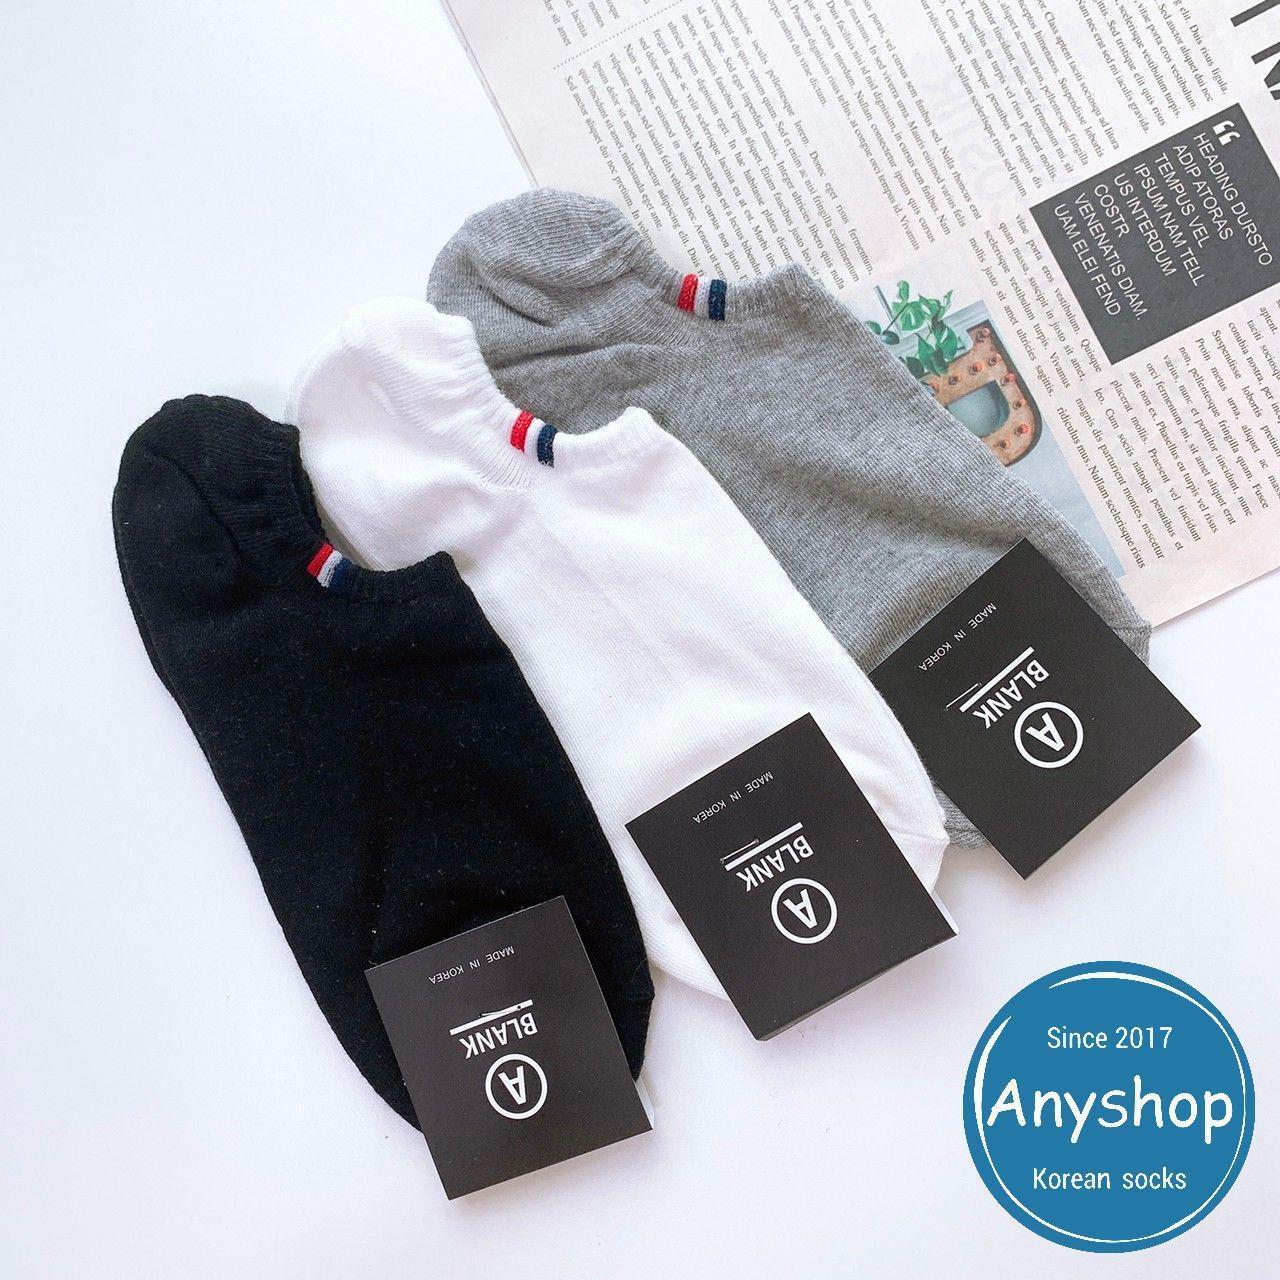 韓國襪-[Anyshop]三色男仕極短襪